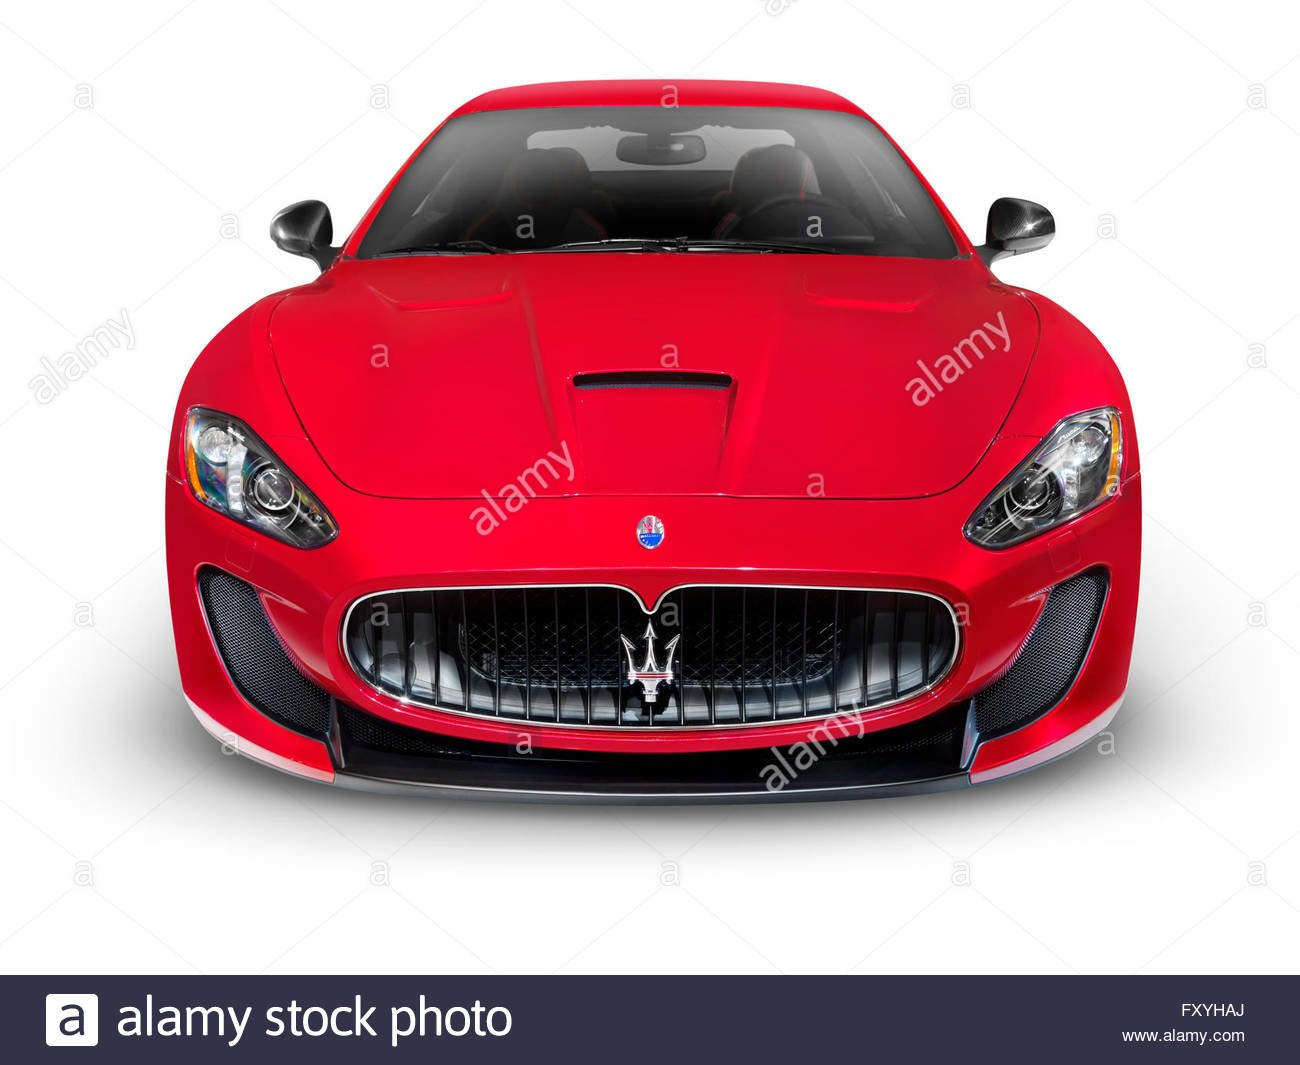 2015 Maserati GranTurismo MC Centennial Edition red front view 1300x1065